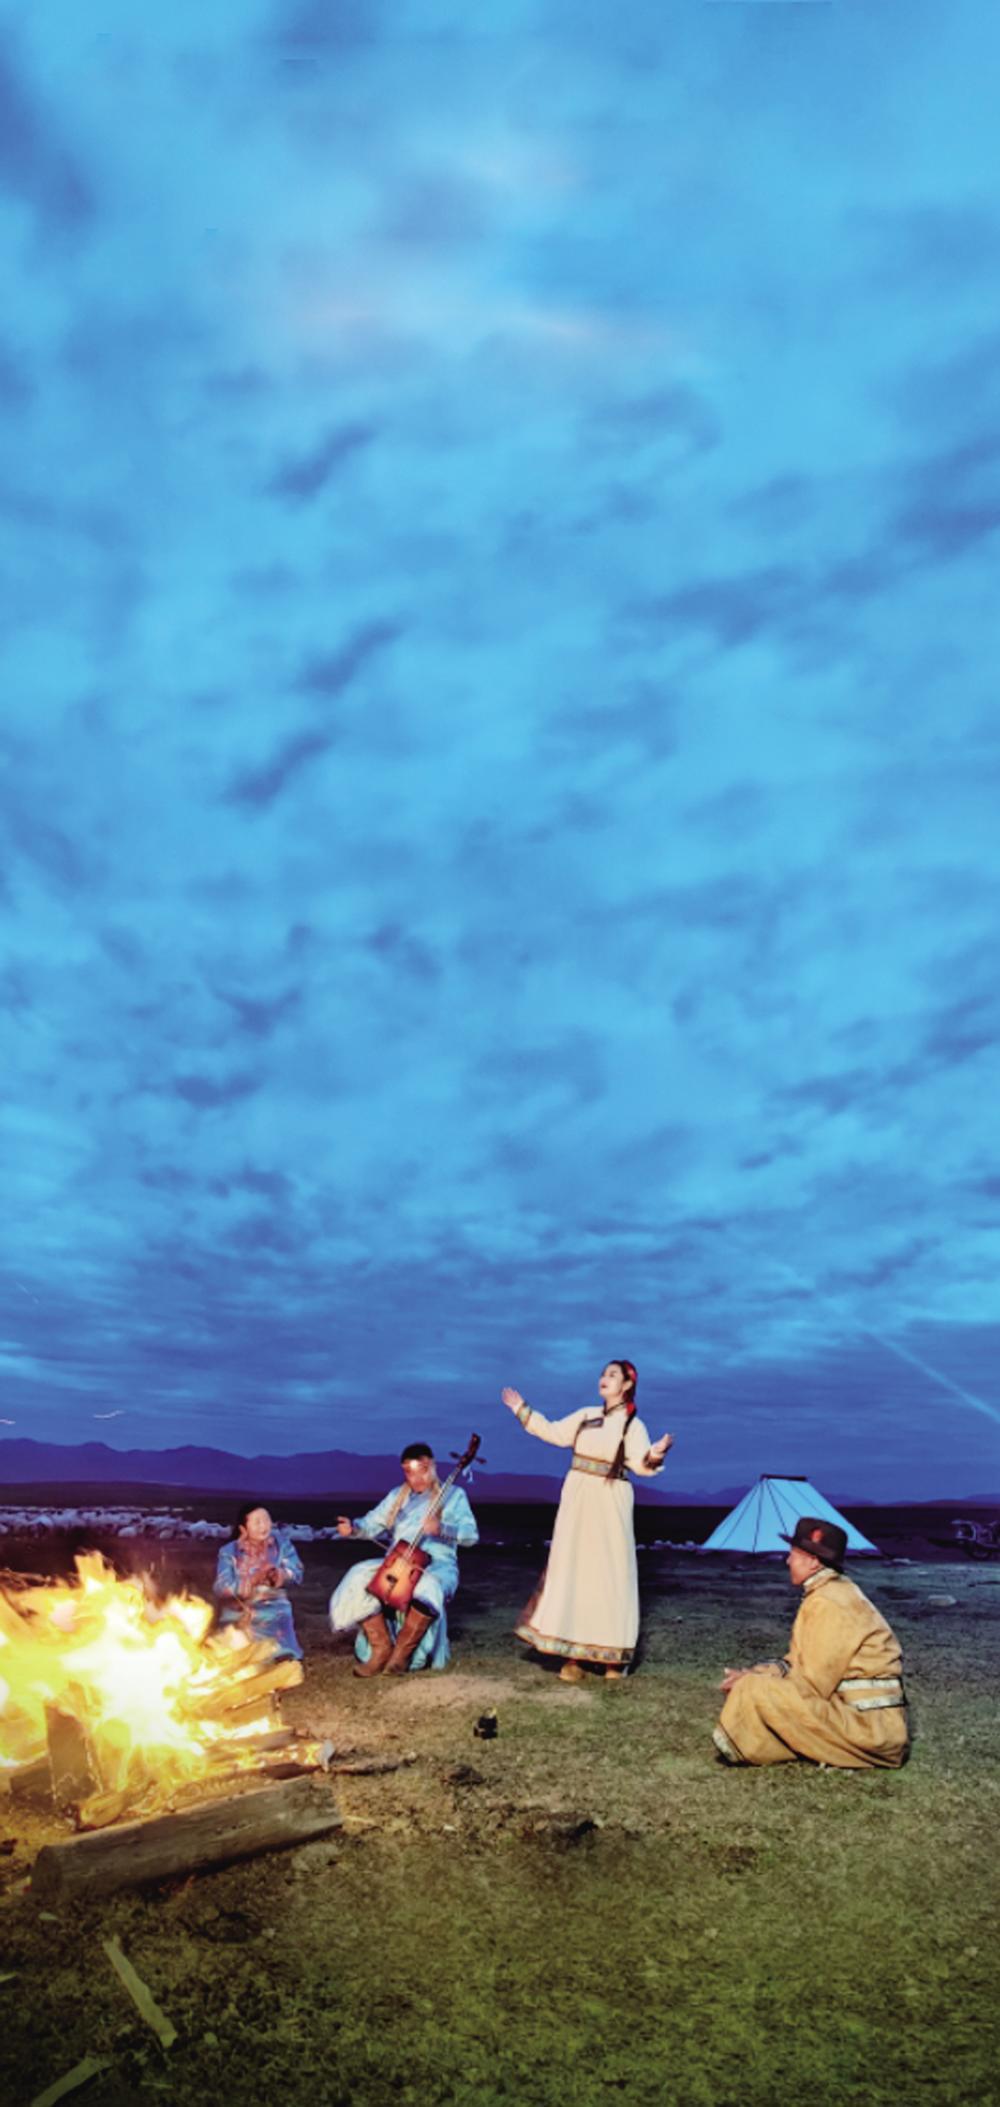 7集电视纪录片《跑马溜溜的云上》:云上的牧歌